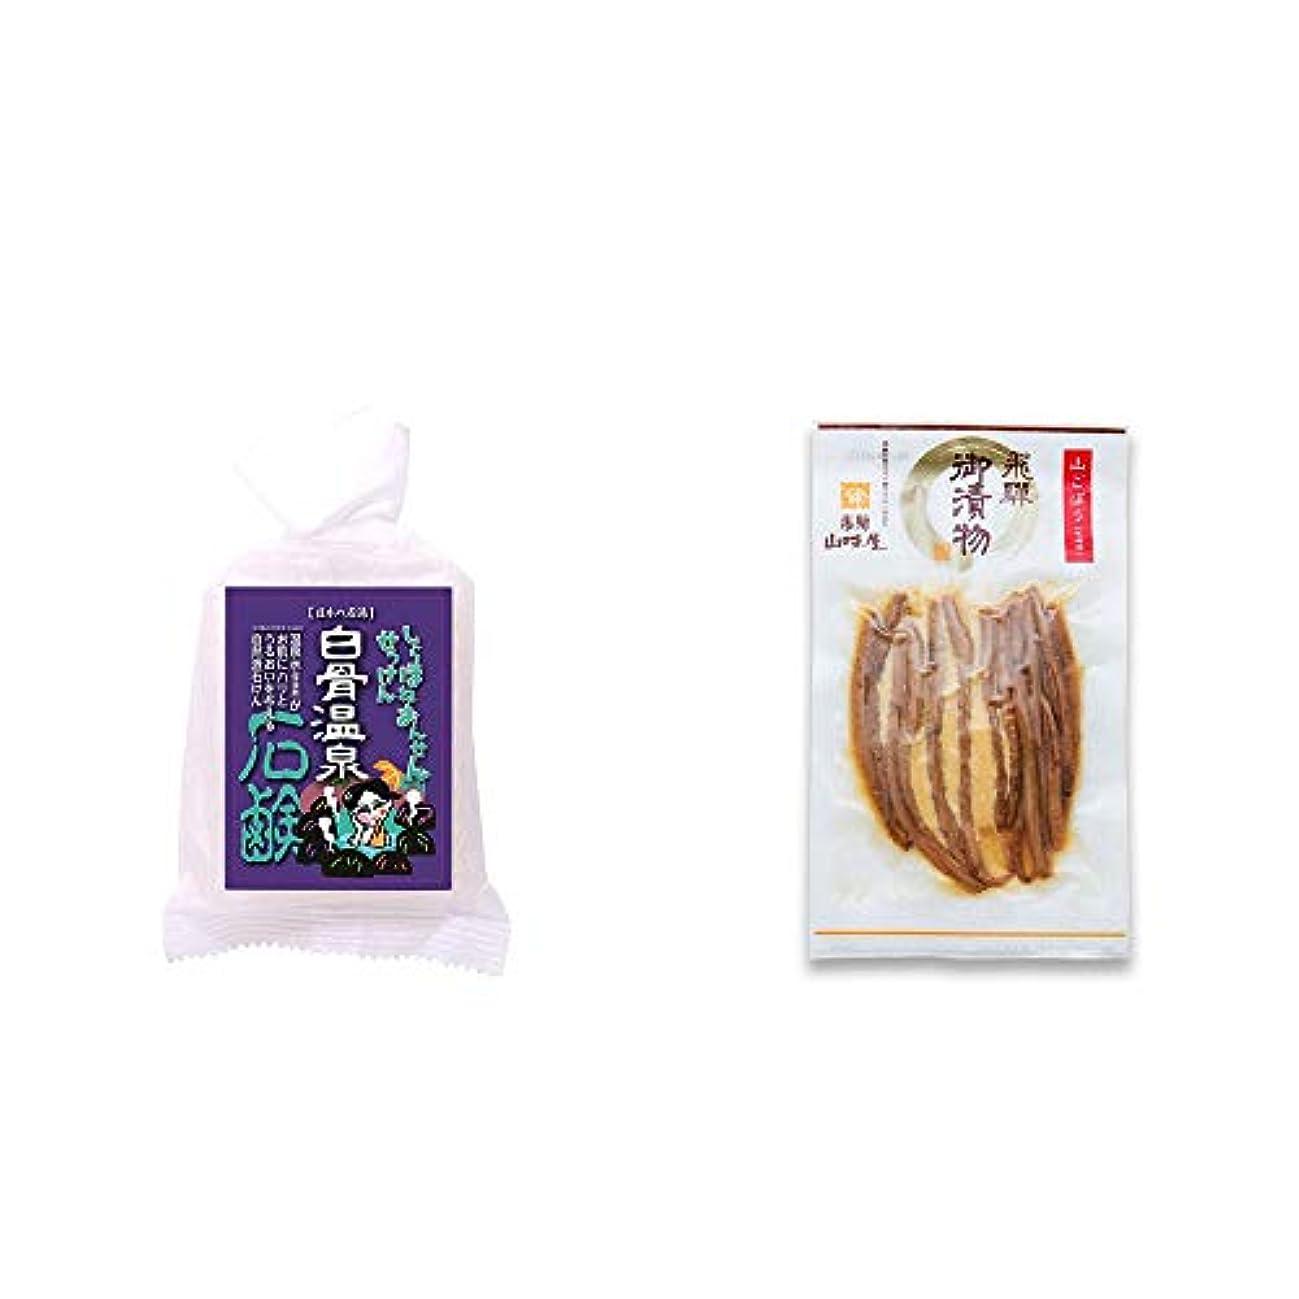 メロドラマティック作業嘆く[2点セット] 信州 白骨温泉石鹸(80g)?飛騨山味屋 山ごぼう味噌漬(80g)